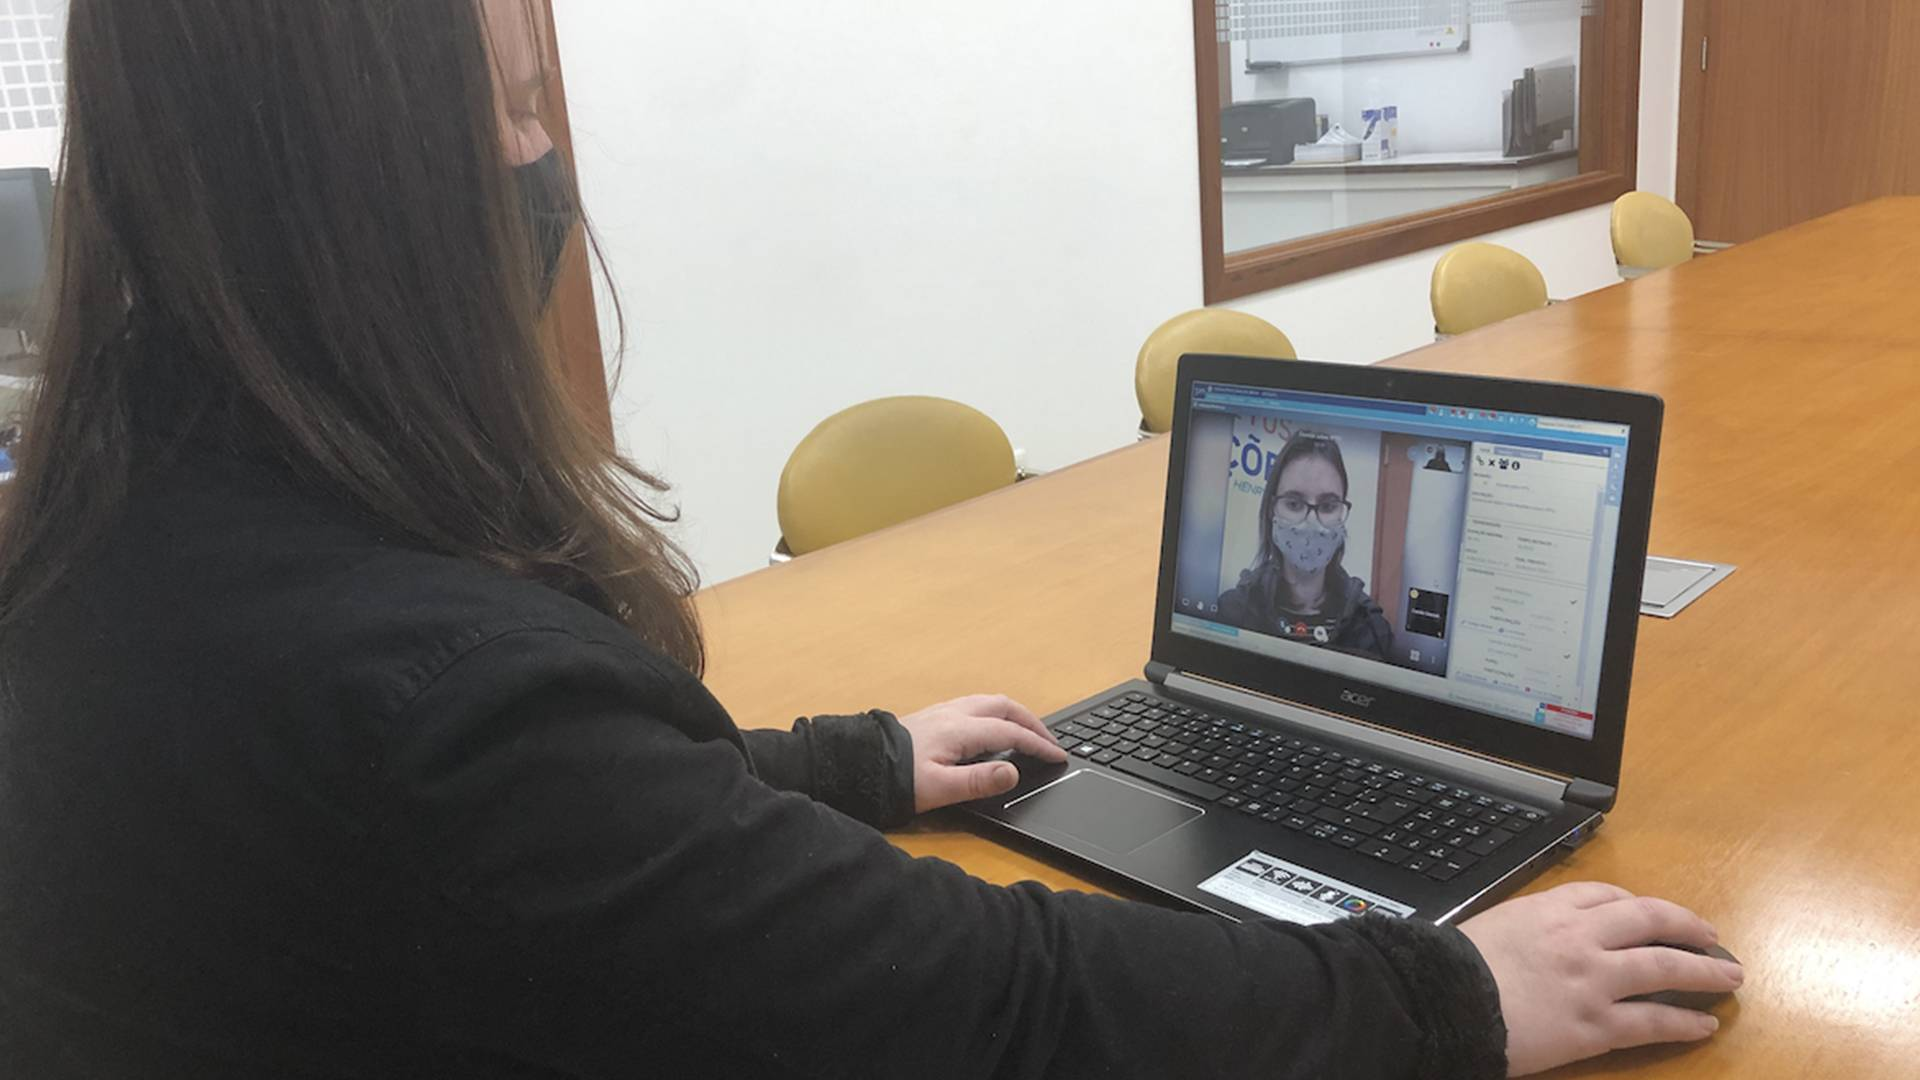 Para aprimorar os atendimentos online, a IPM desenvolveu o videoatendimento, disponível na plataforma de gestão.